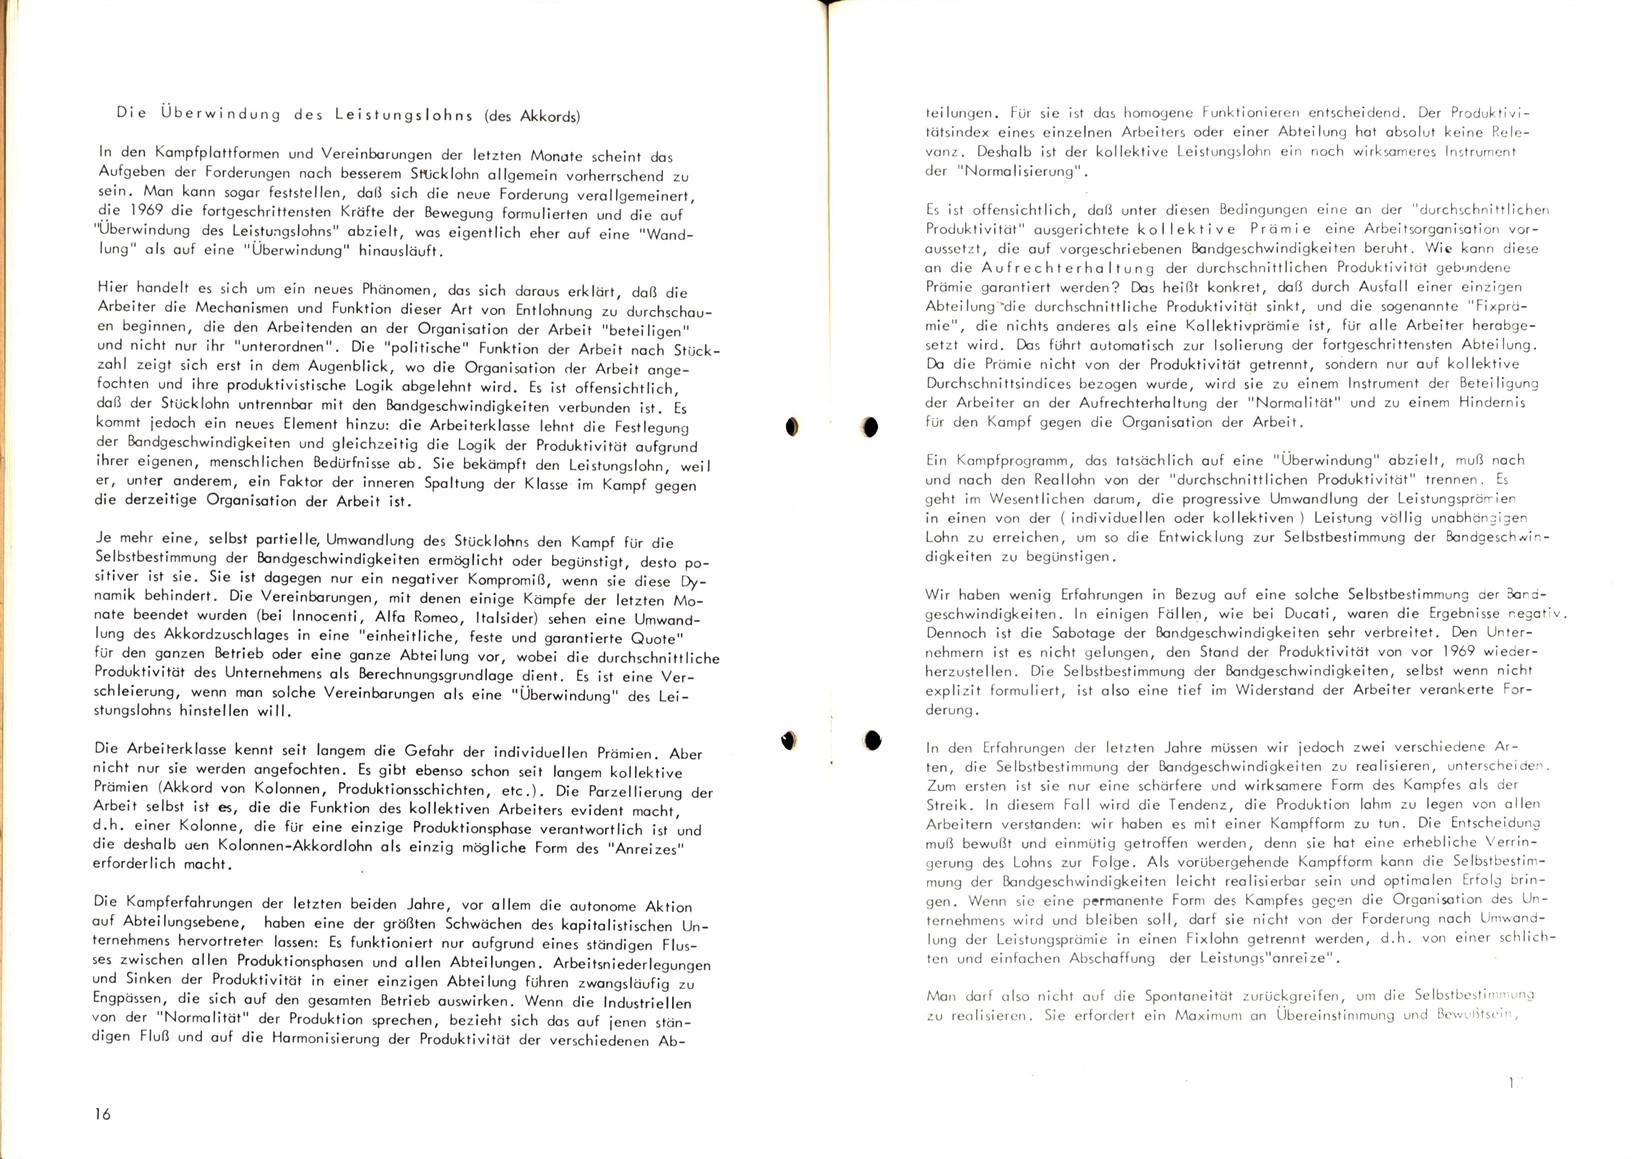 Manifesto_1971_Einheit_der_Klassenlinken_09